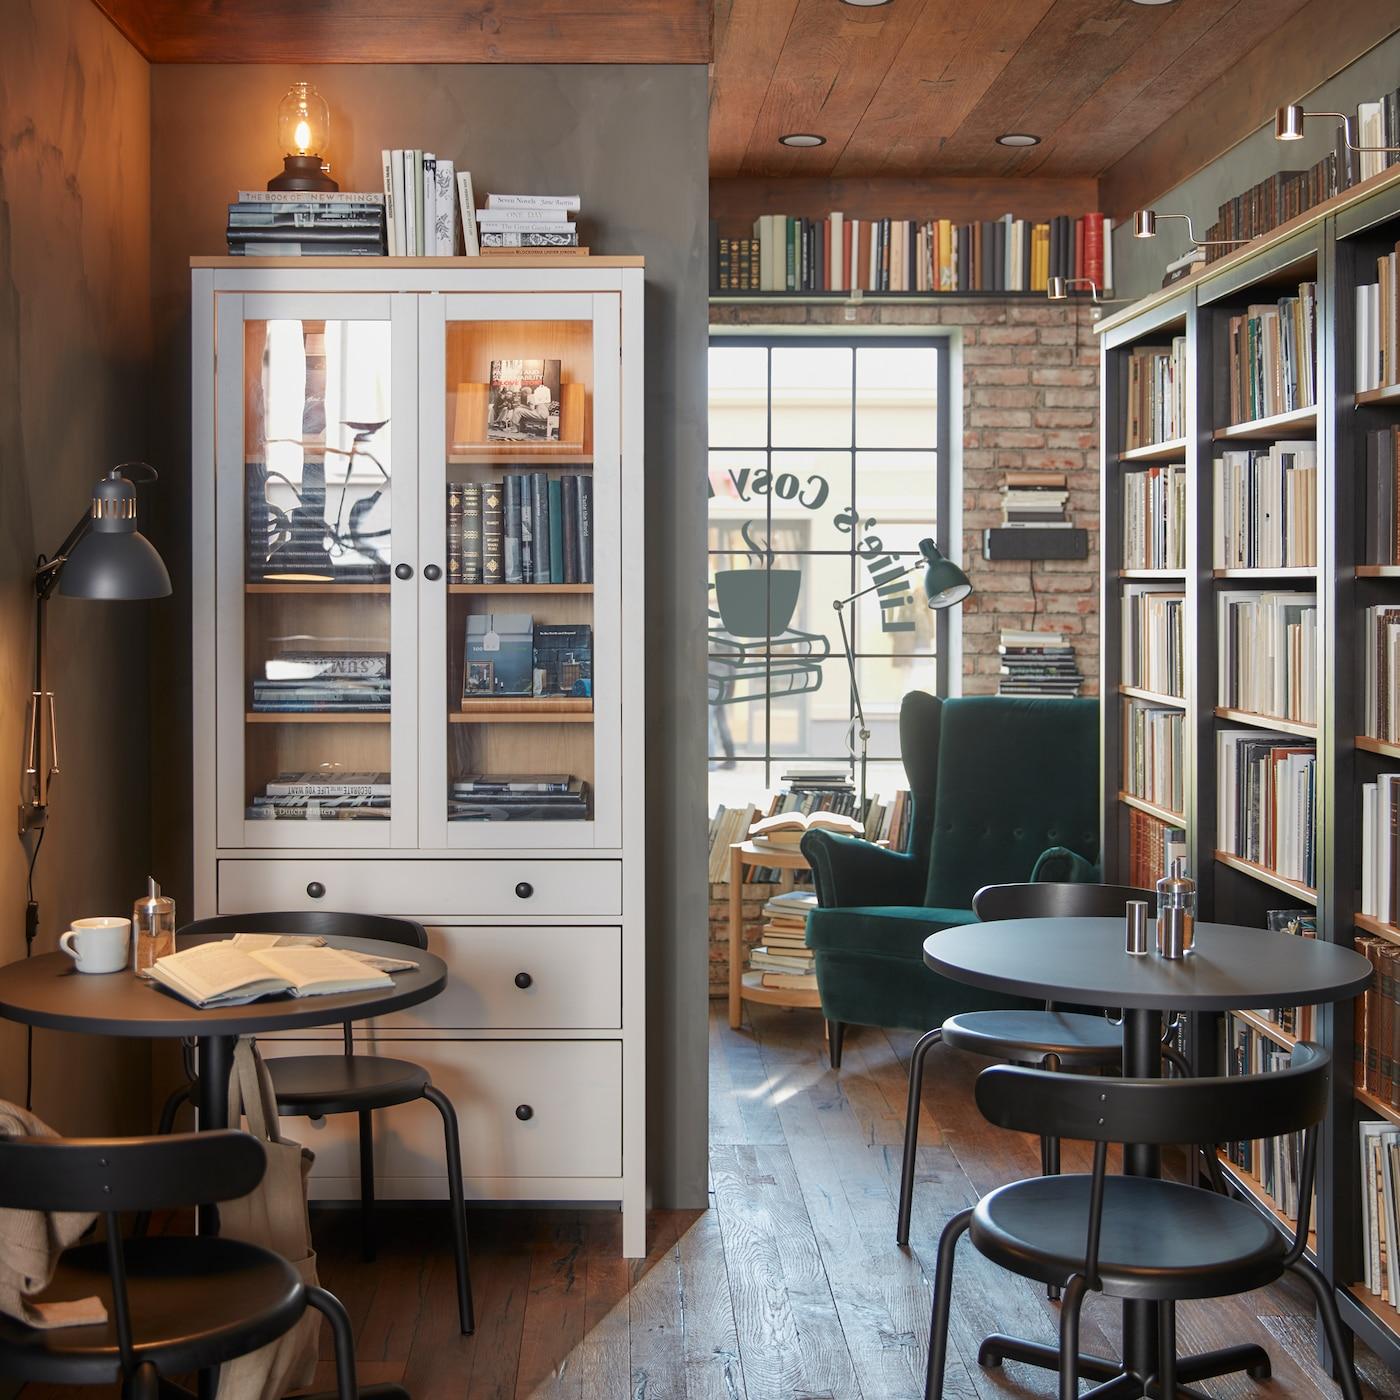 Меблированное кафе со множеством книг в шкафах, софитами и креслами с высокой спинкой, обитыми зеленым бархатом.